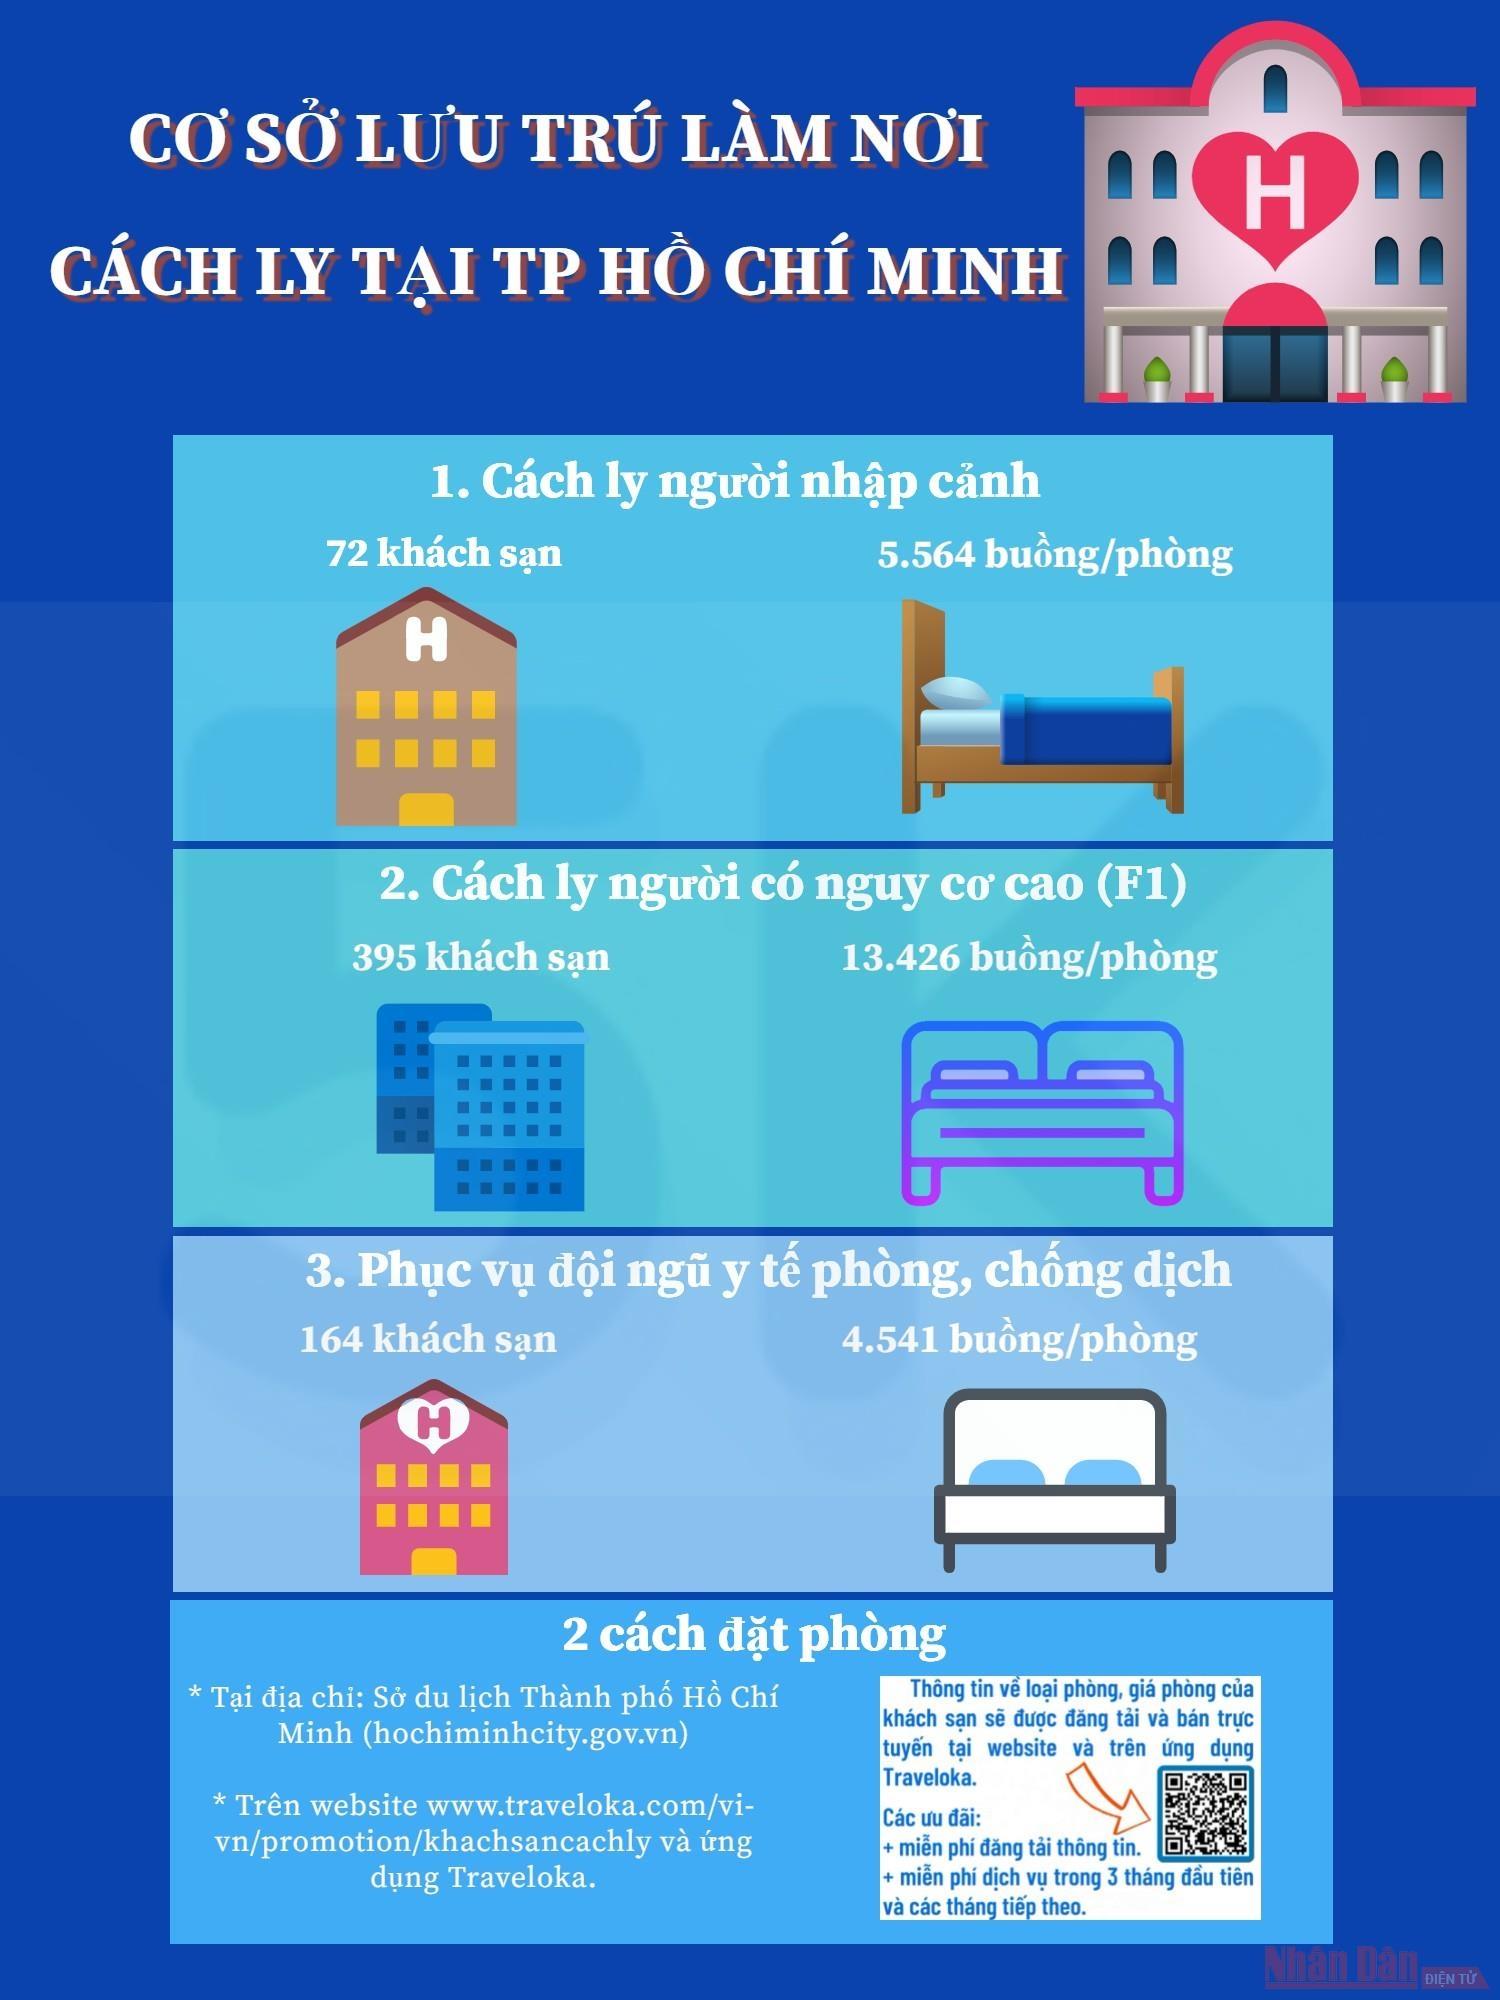 Người dân TP Hồ Chí Minh có thể cách ly tại khách sạn